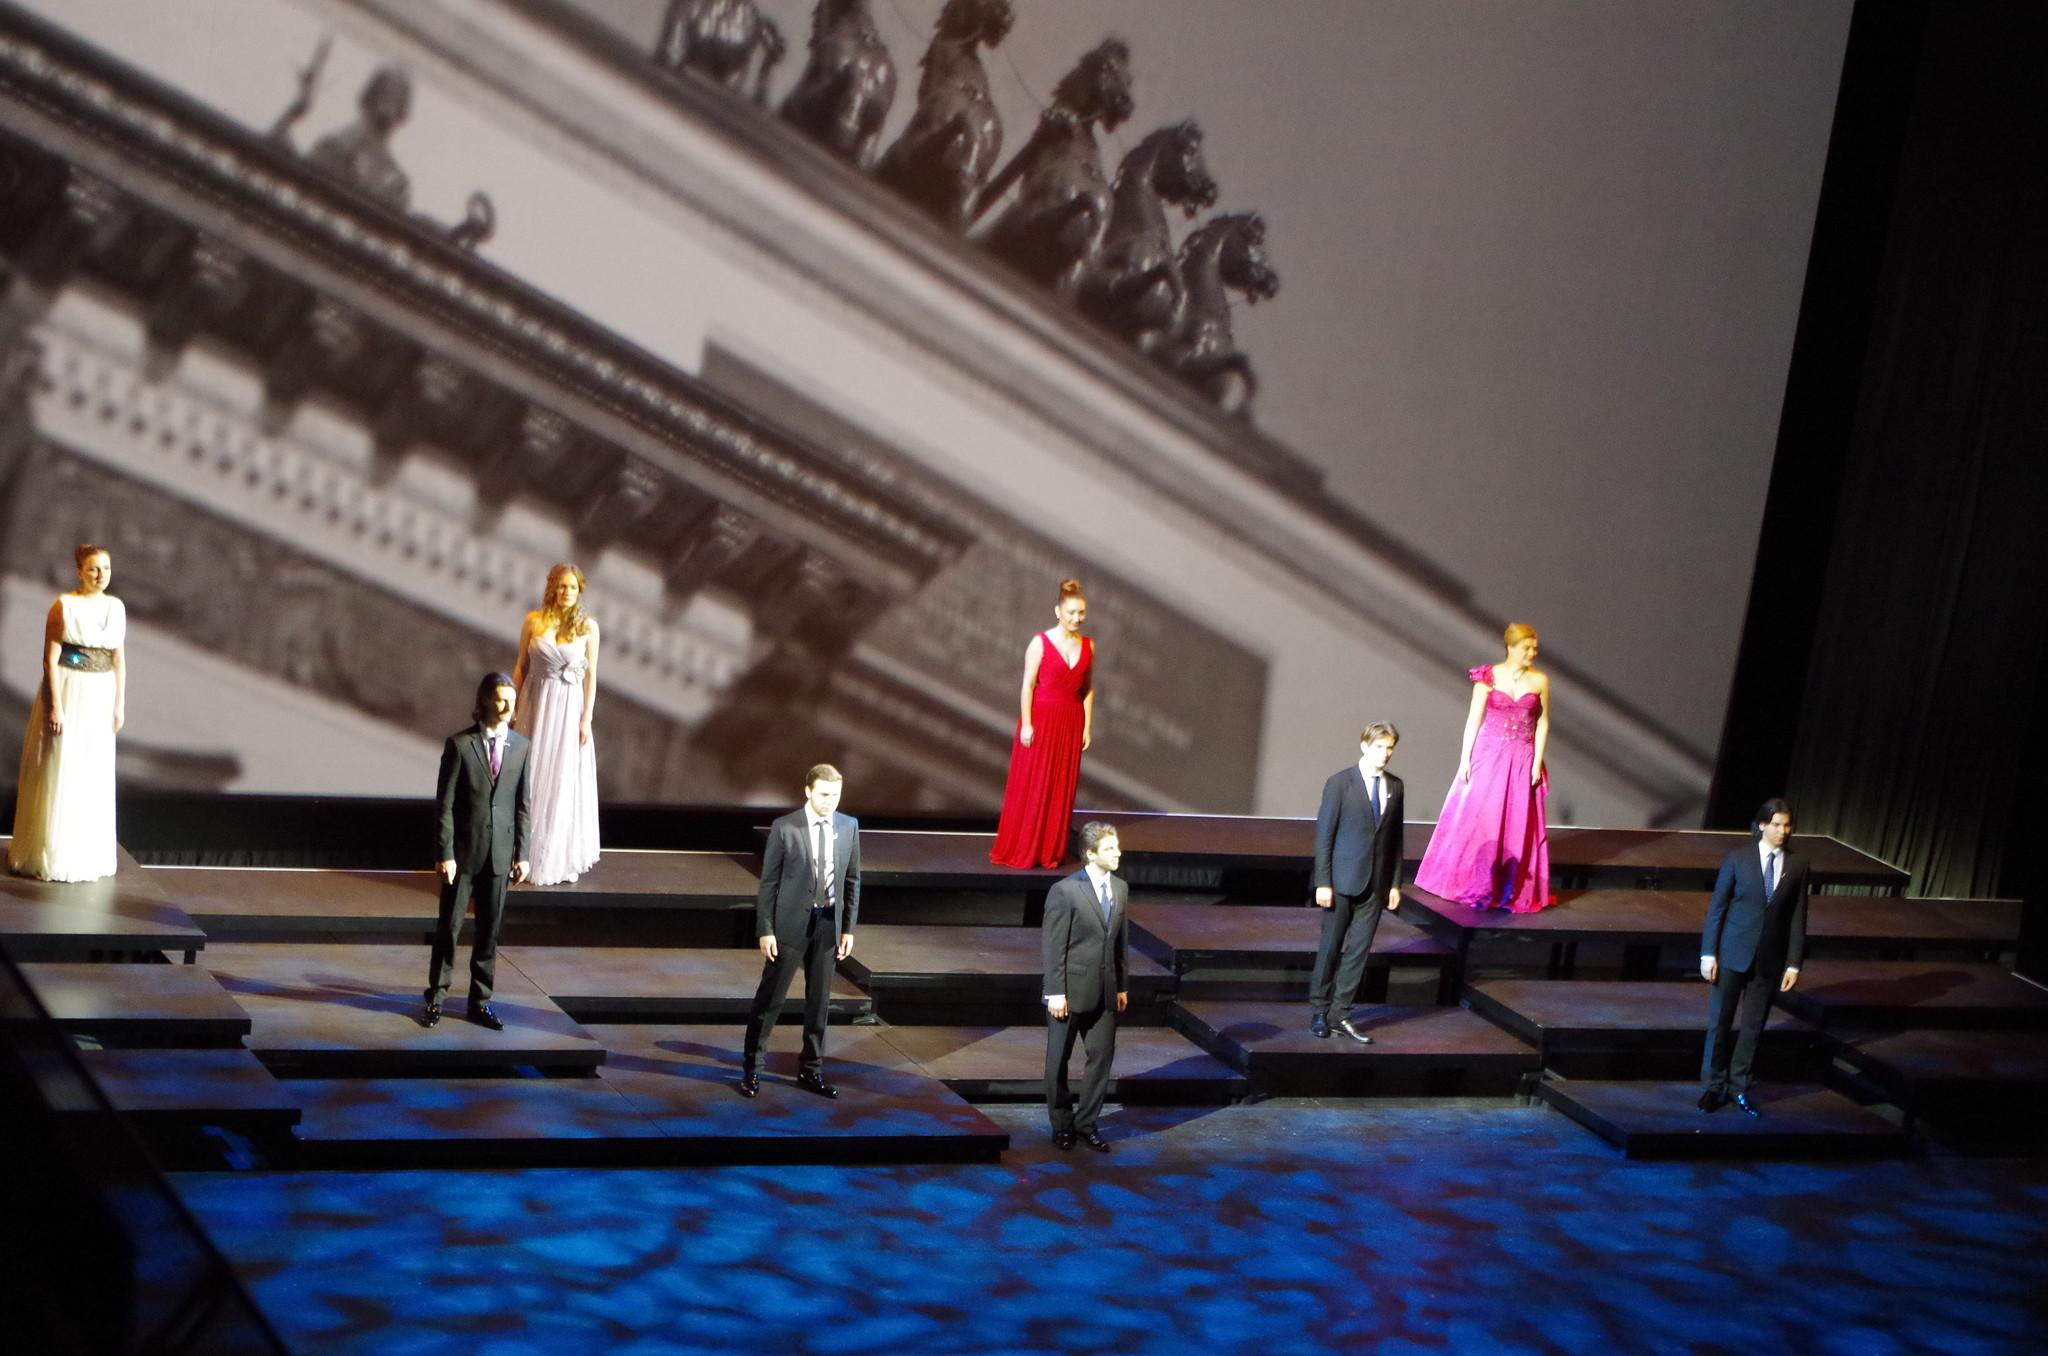 Концерт Молодёжной оперной программы Большого театра посвящённый Дню защитника Отечества